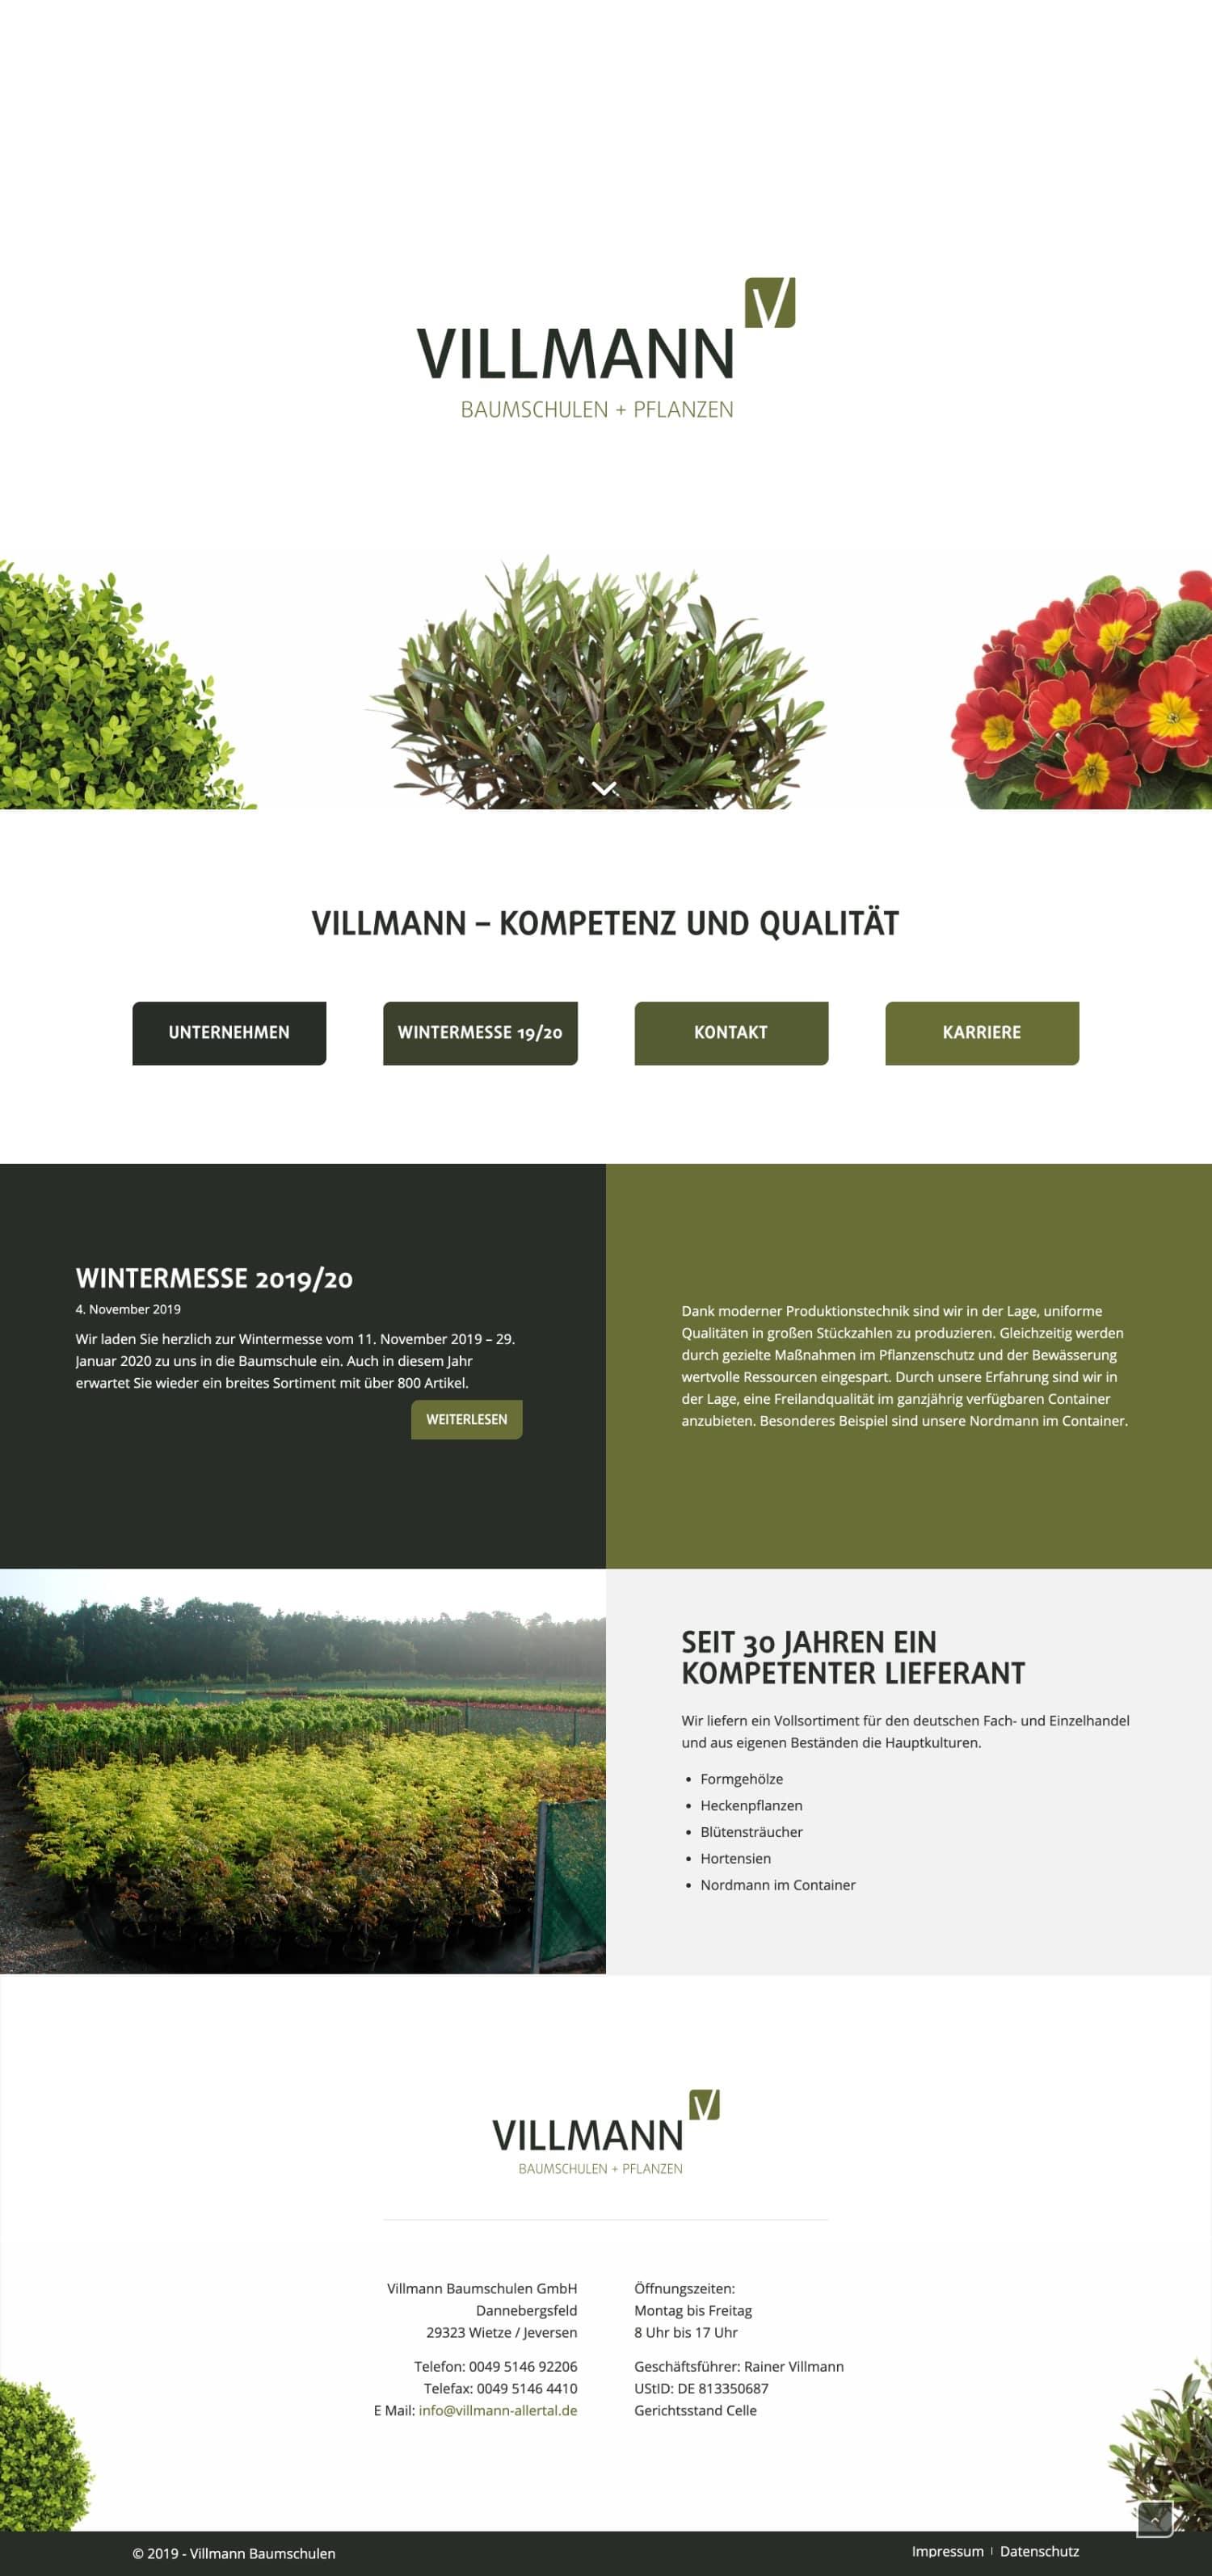 Villmann Baumschulen - Website